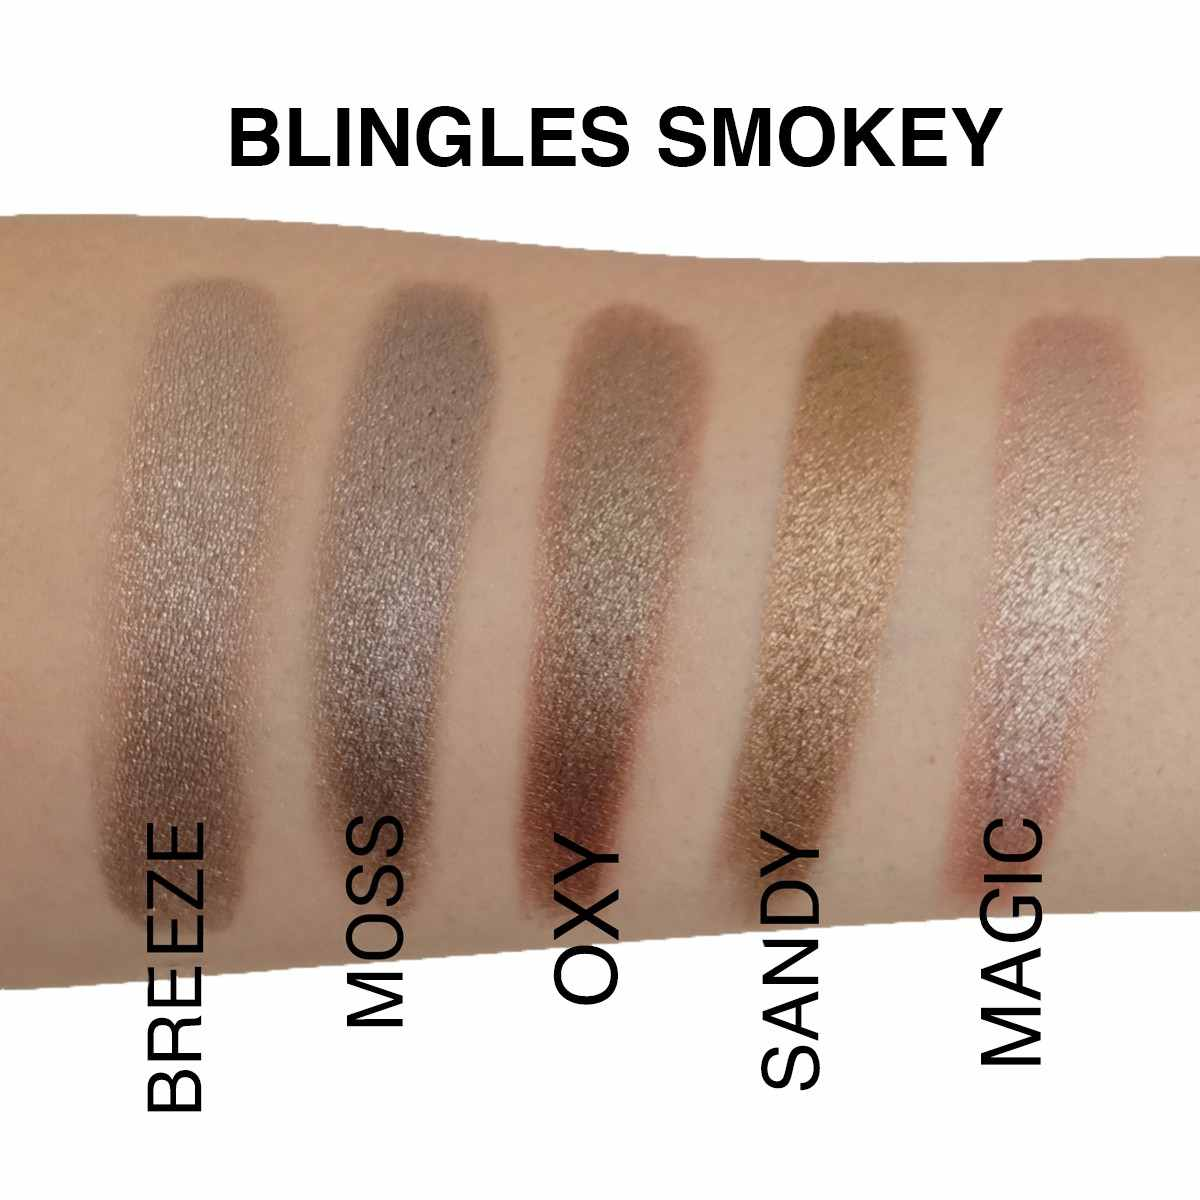 blingle-smokey